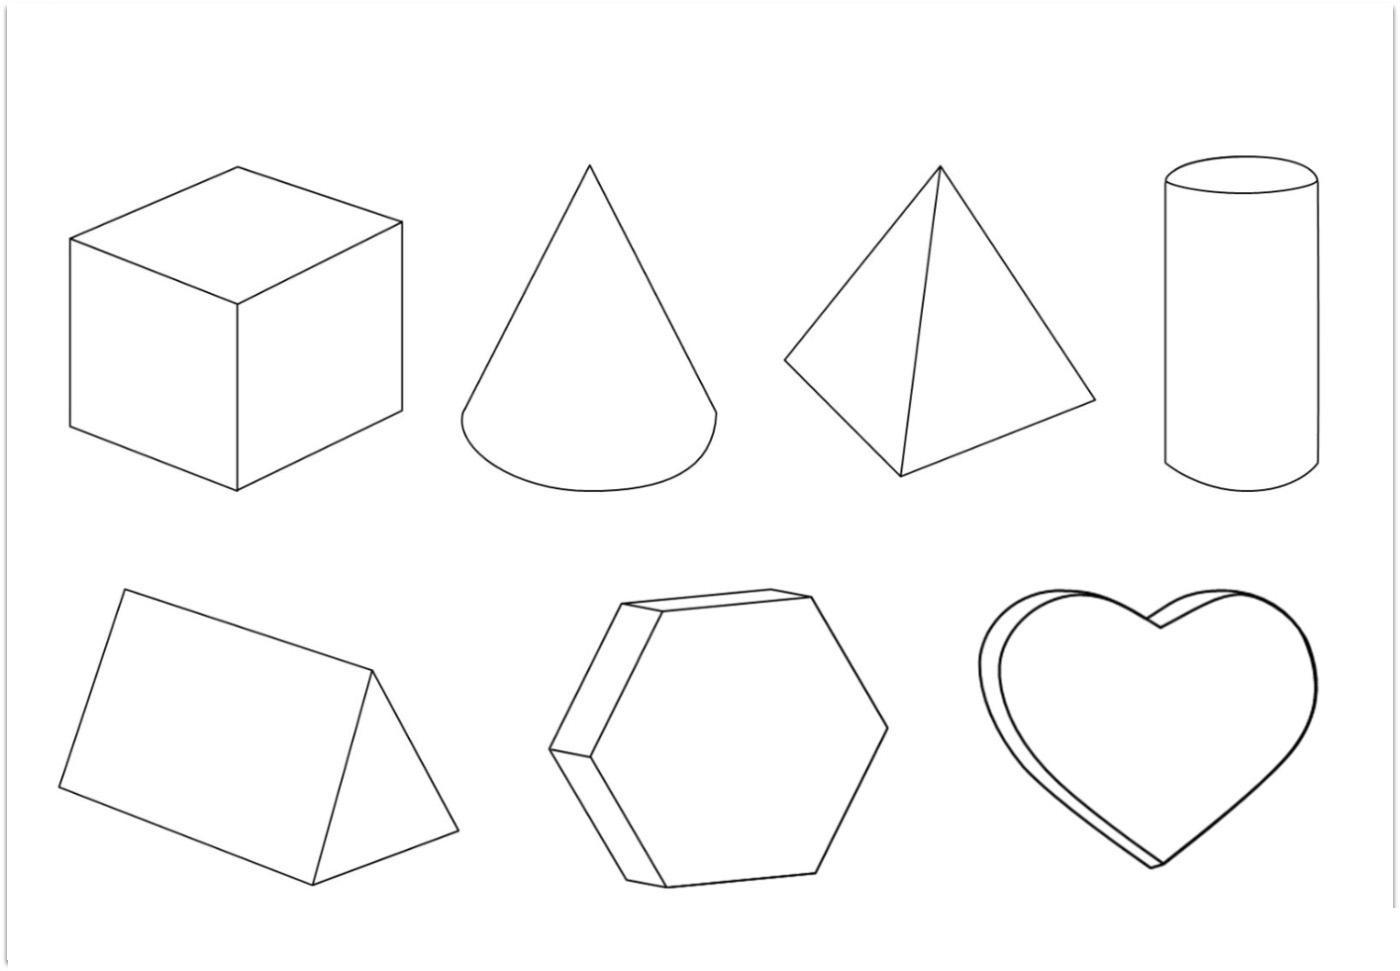 Раскраски фигуры объемные геометрические фигуры контур, шаблоны